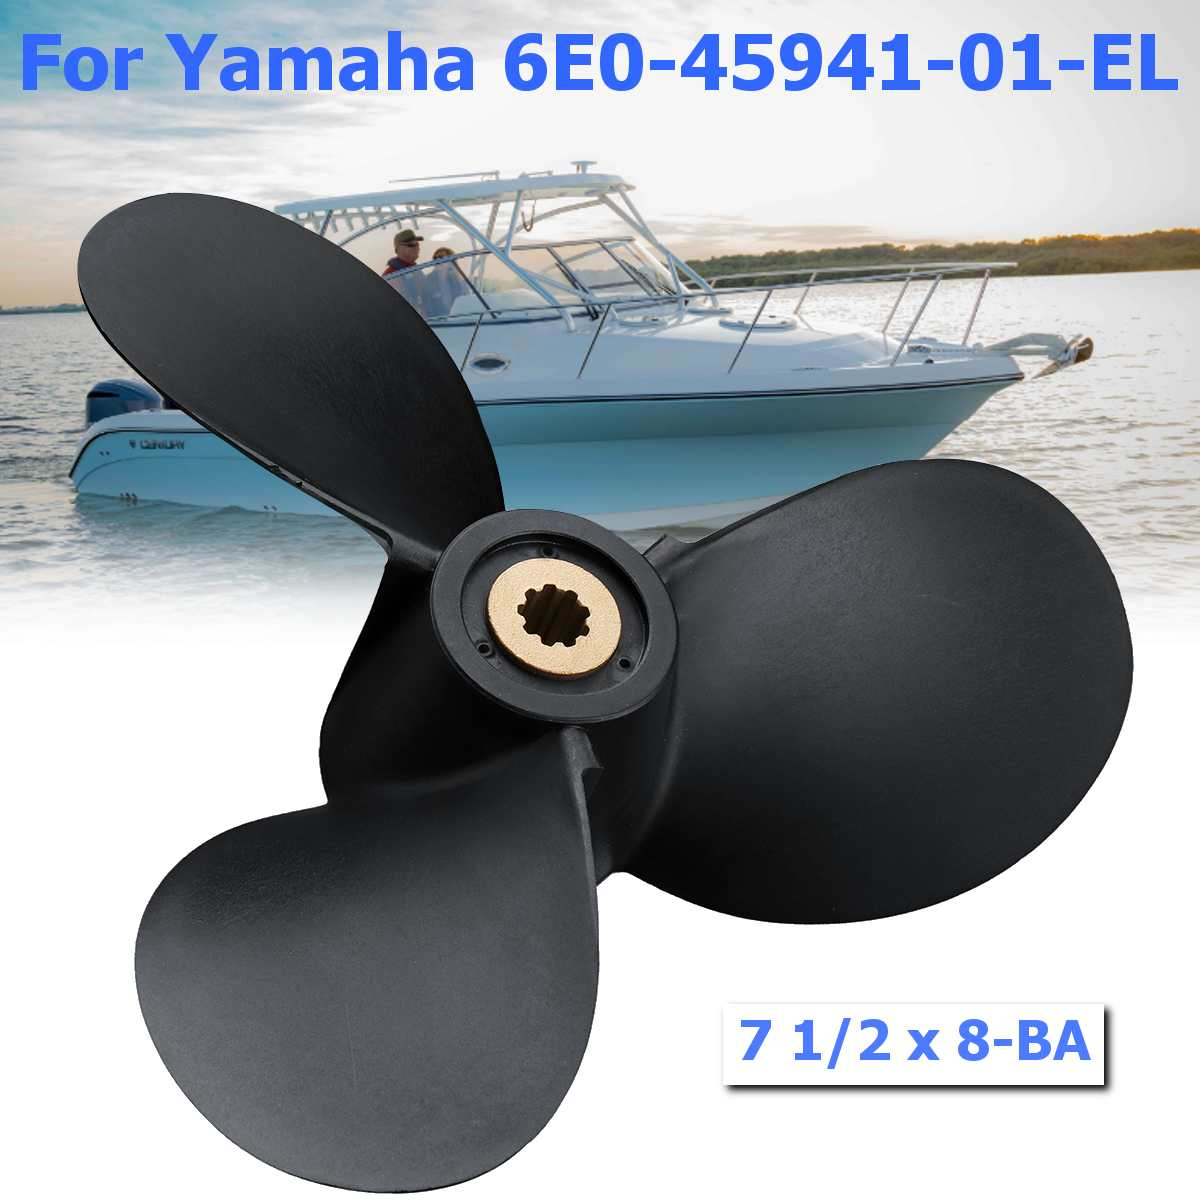 Hors-Bord Marine Hélice 6E0-45941-01-EL 7 1/2x8-BA Pour Yamaha Mariner 4HP-6HP 3 Lames Noir En Plastique + Métal 9 Spline dents de